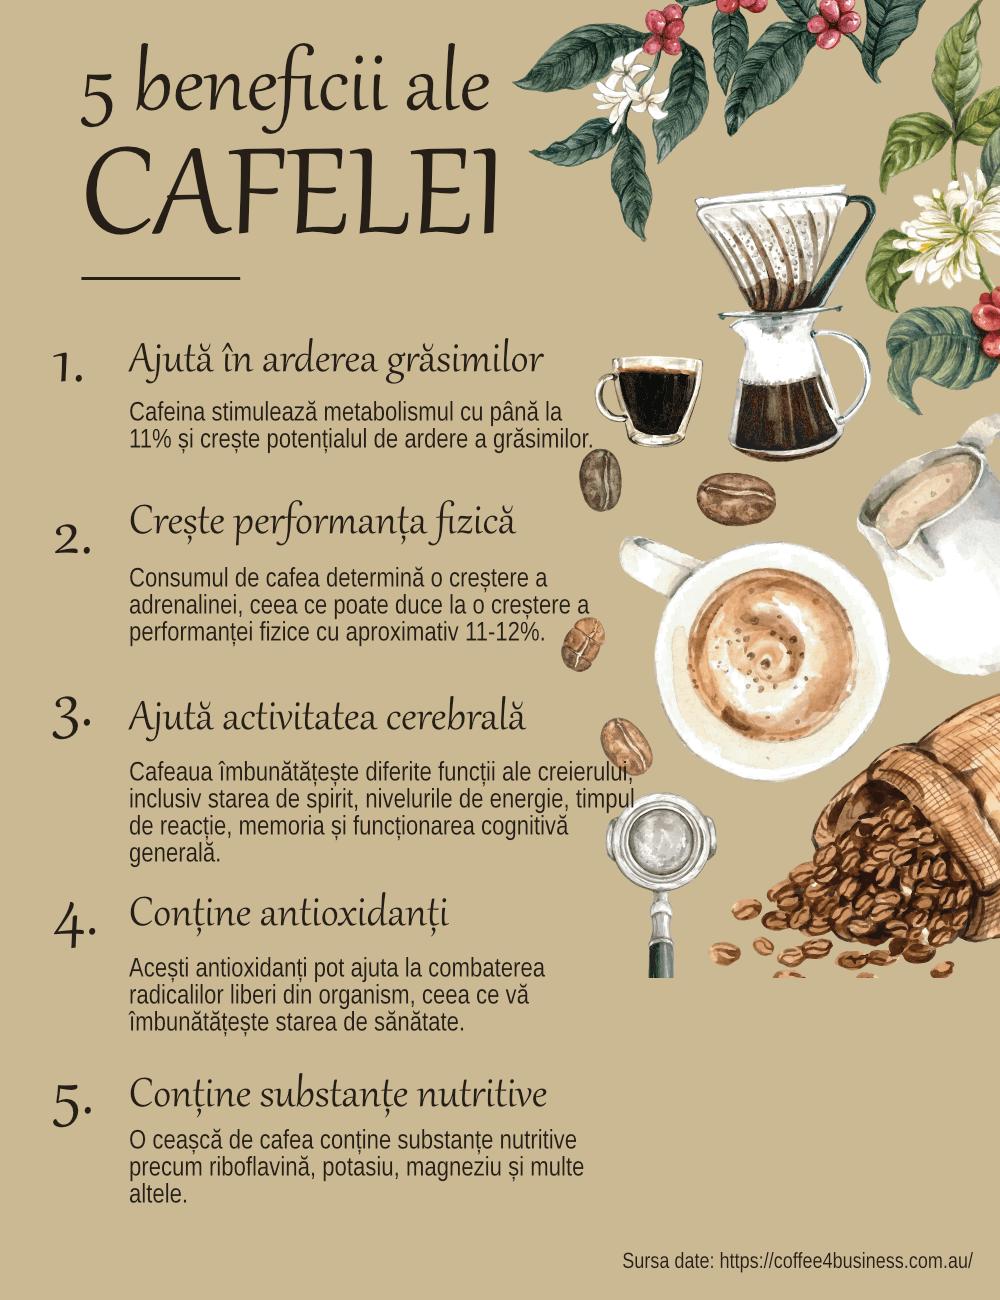 poate cafeina ajuta la arderea grasimilor